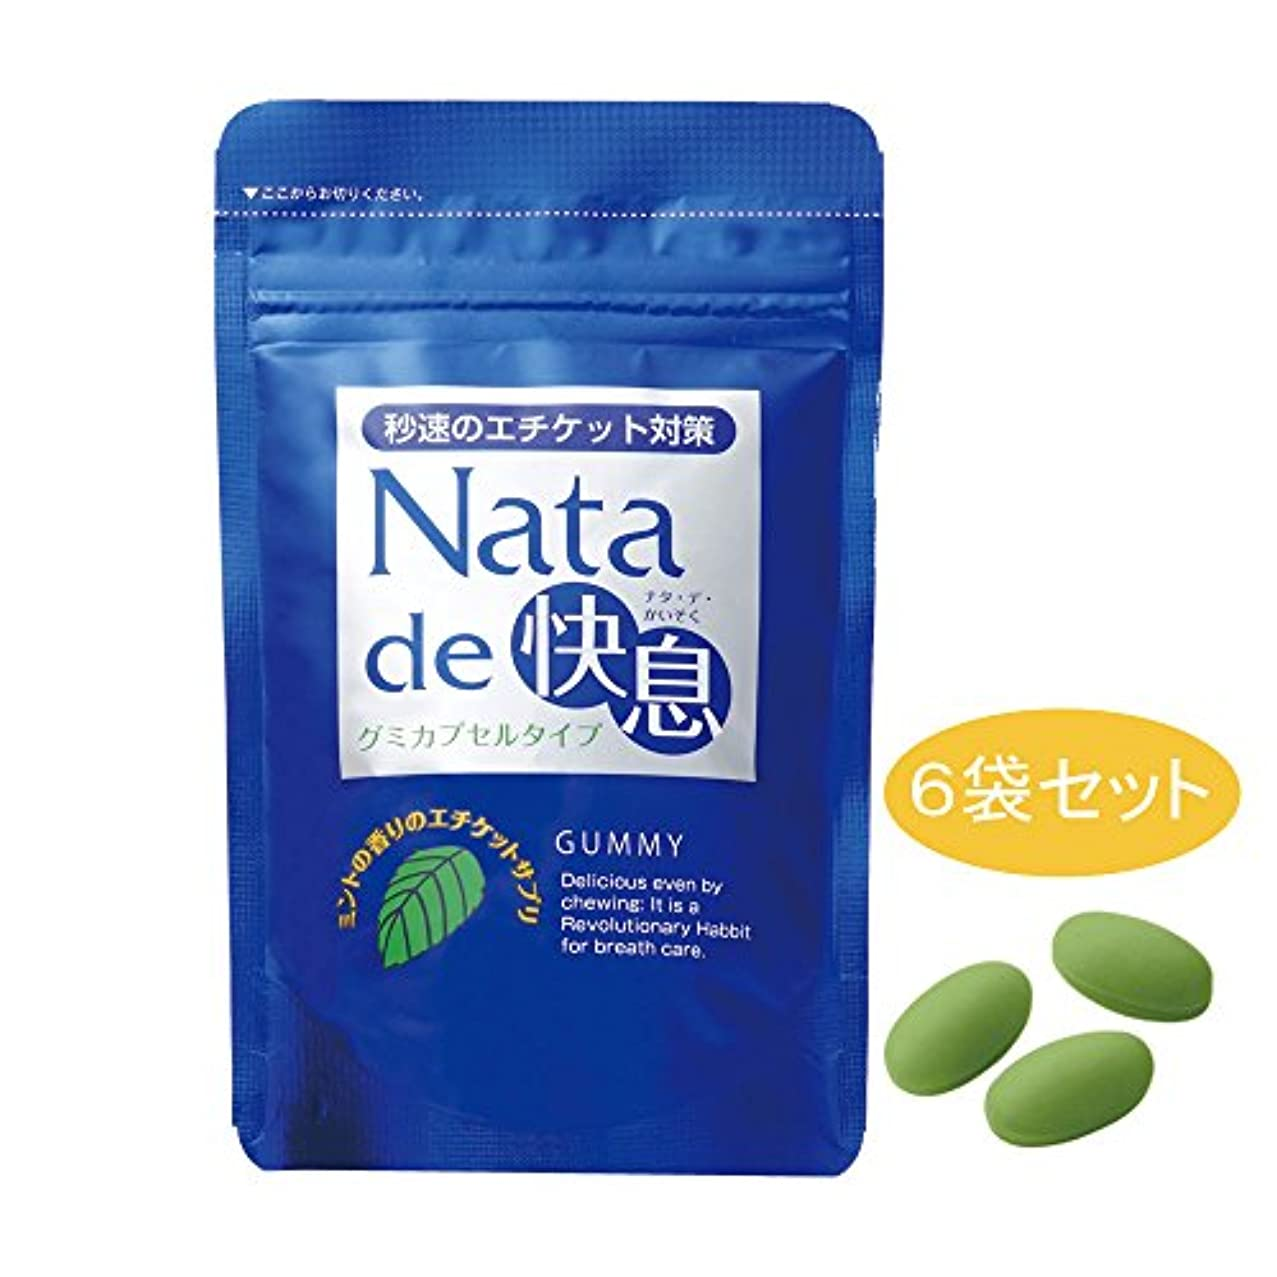 ごみアプローチカナダナタデ快息 ミントの香り 6袋セット